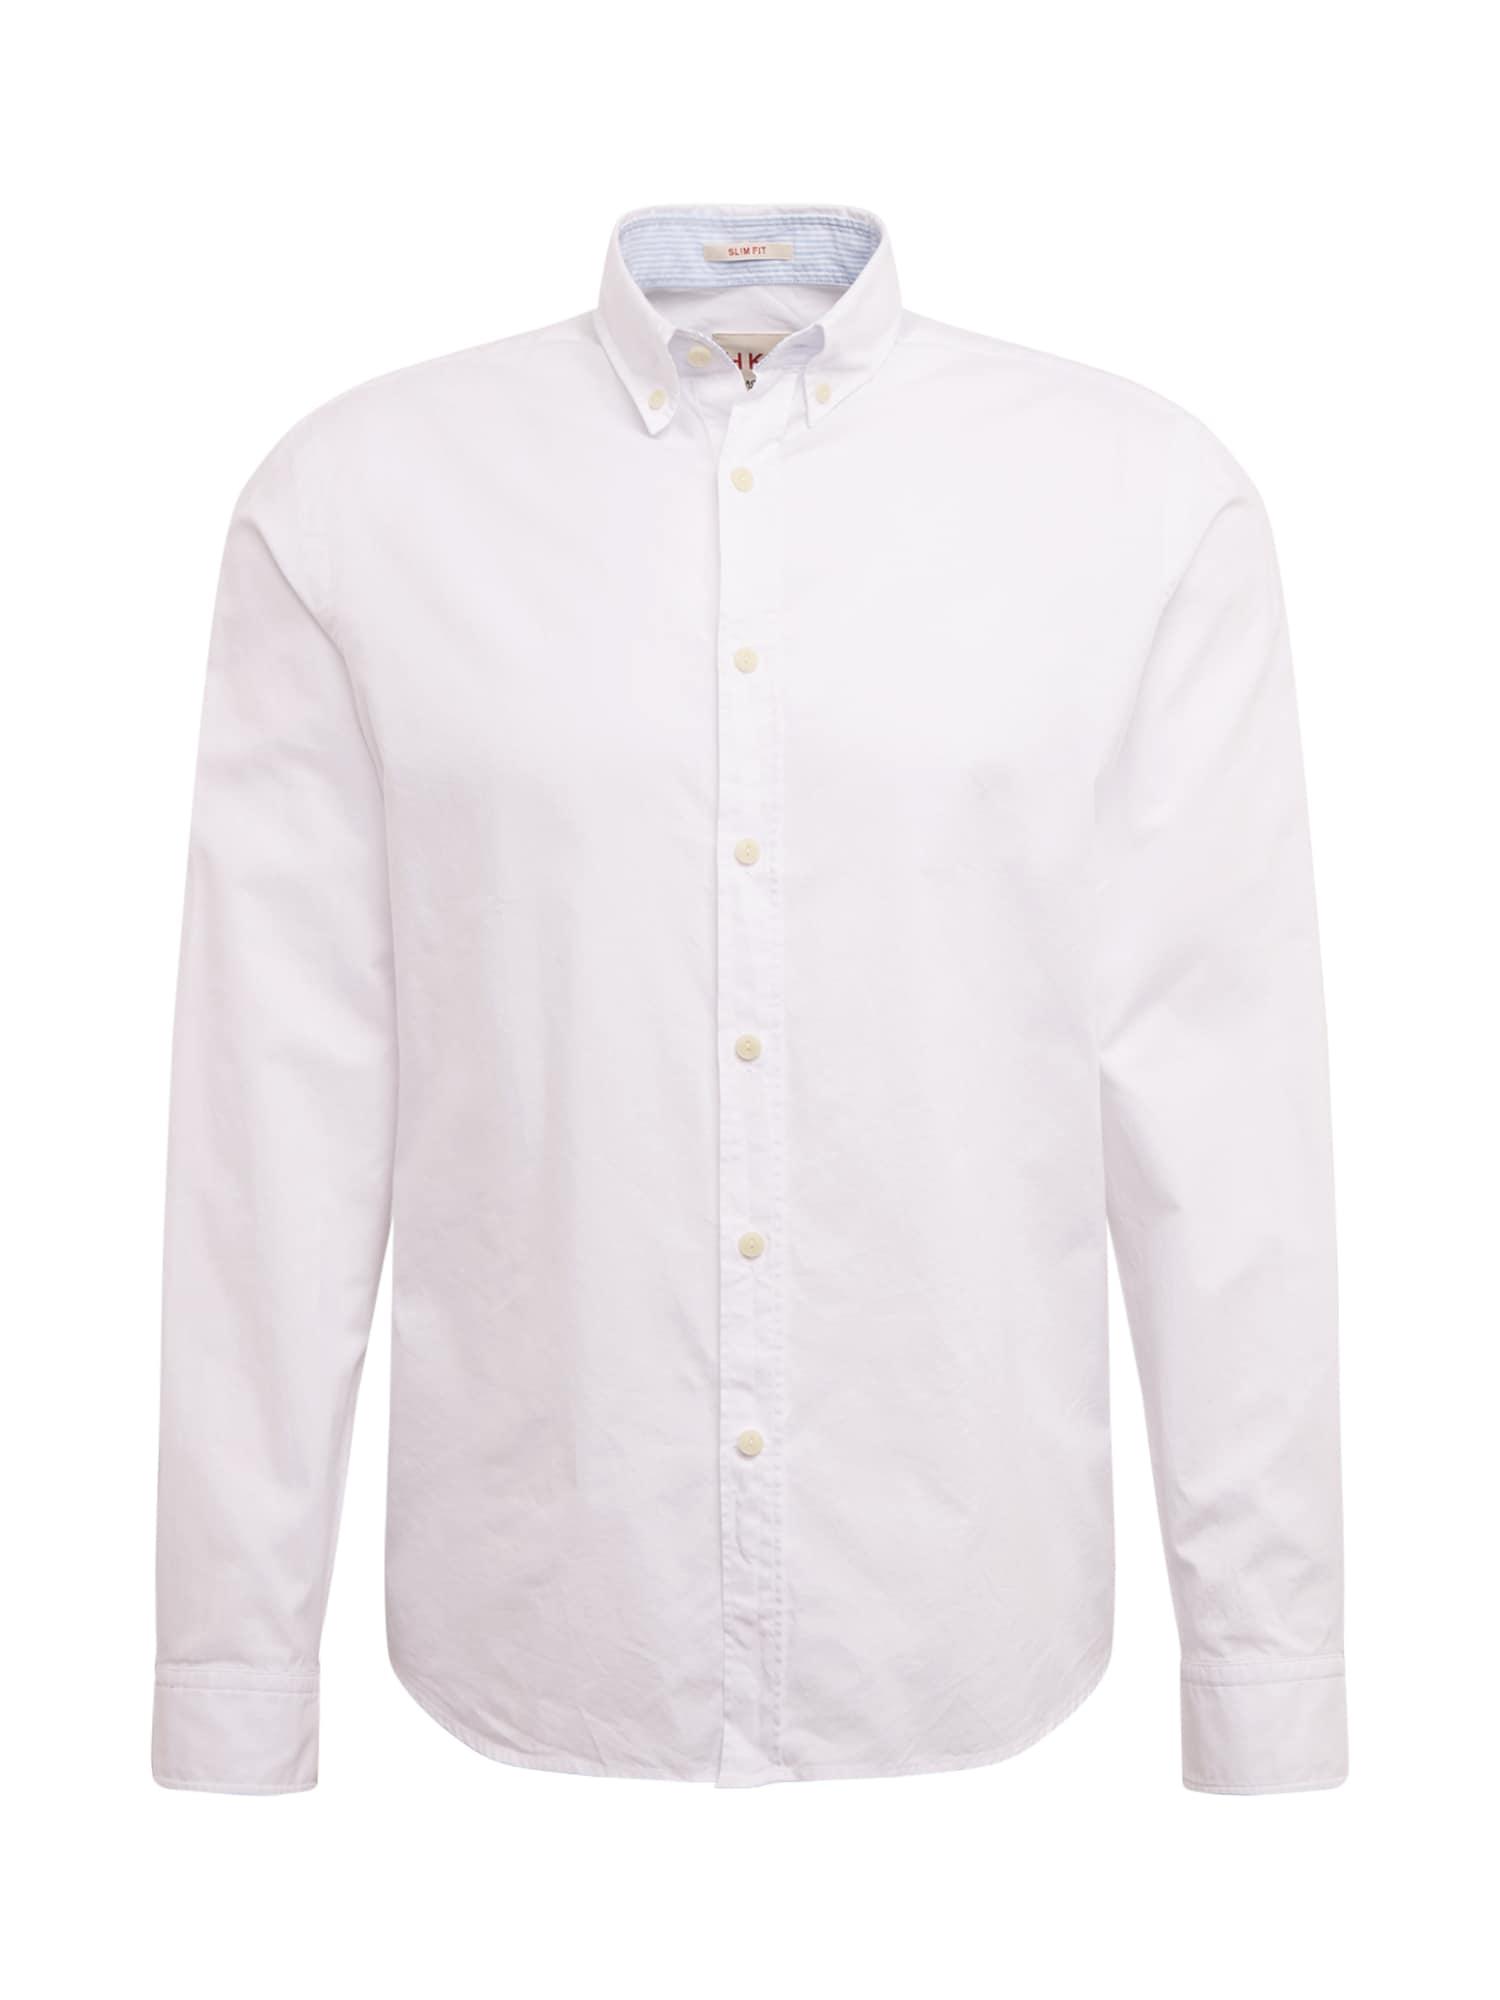 HKT by HACKETT Dalykinio stiliaus marškiniai balta